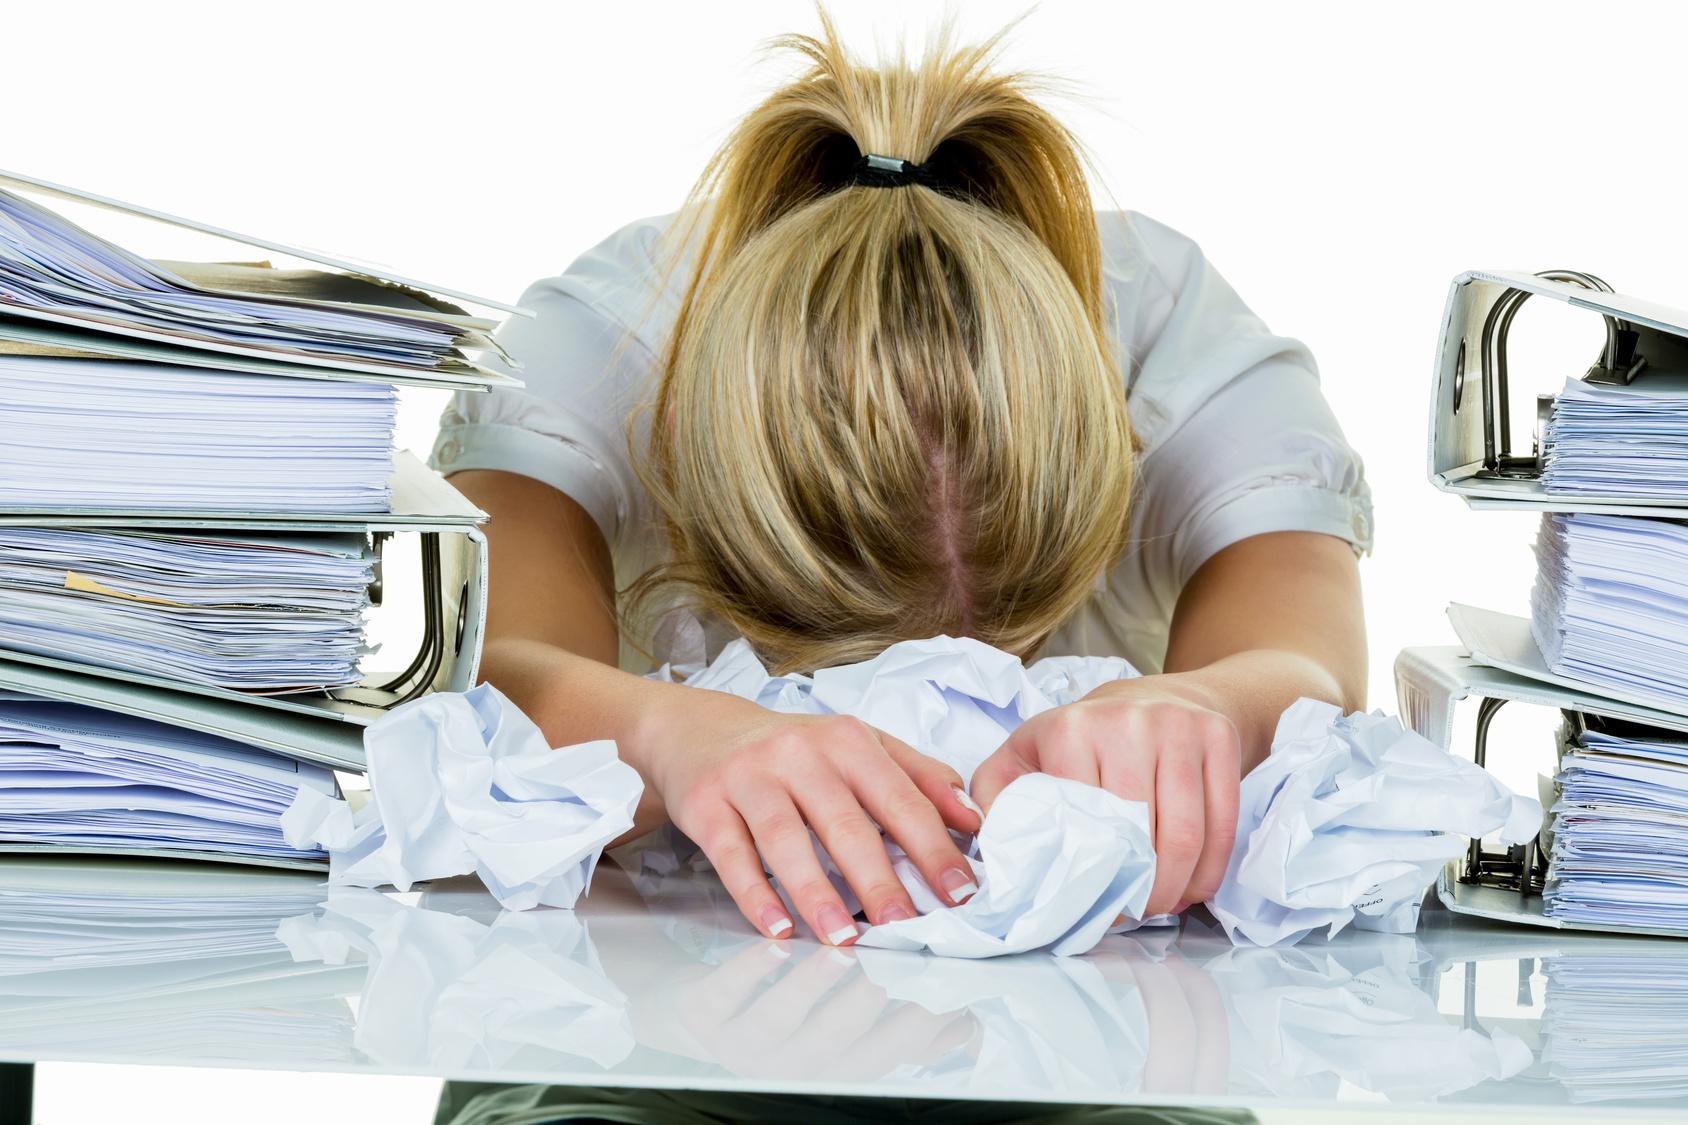 Eine junge Frau verzweifelt im Büro zwischen vielen Aktenordnern und zerknülltem Papier.Symbolfoto für Stress, Burnout und Überarbeitung.